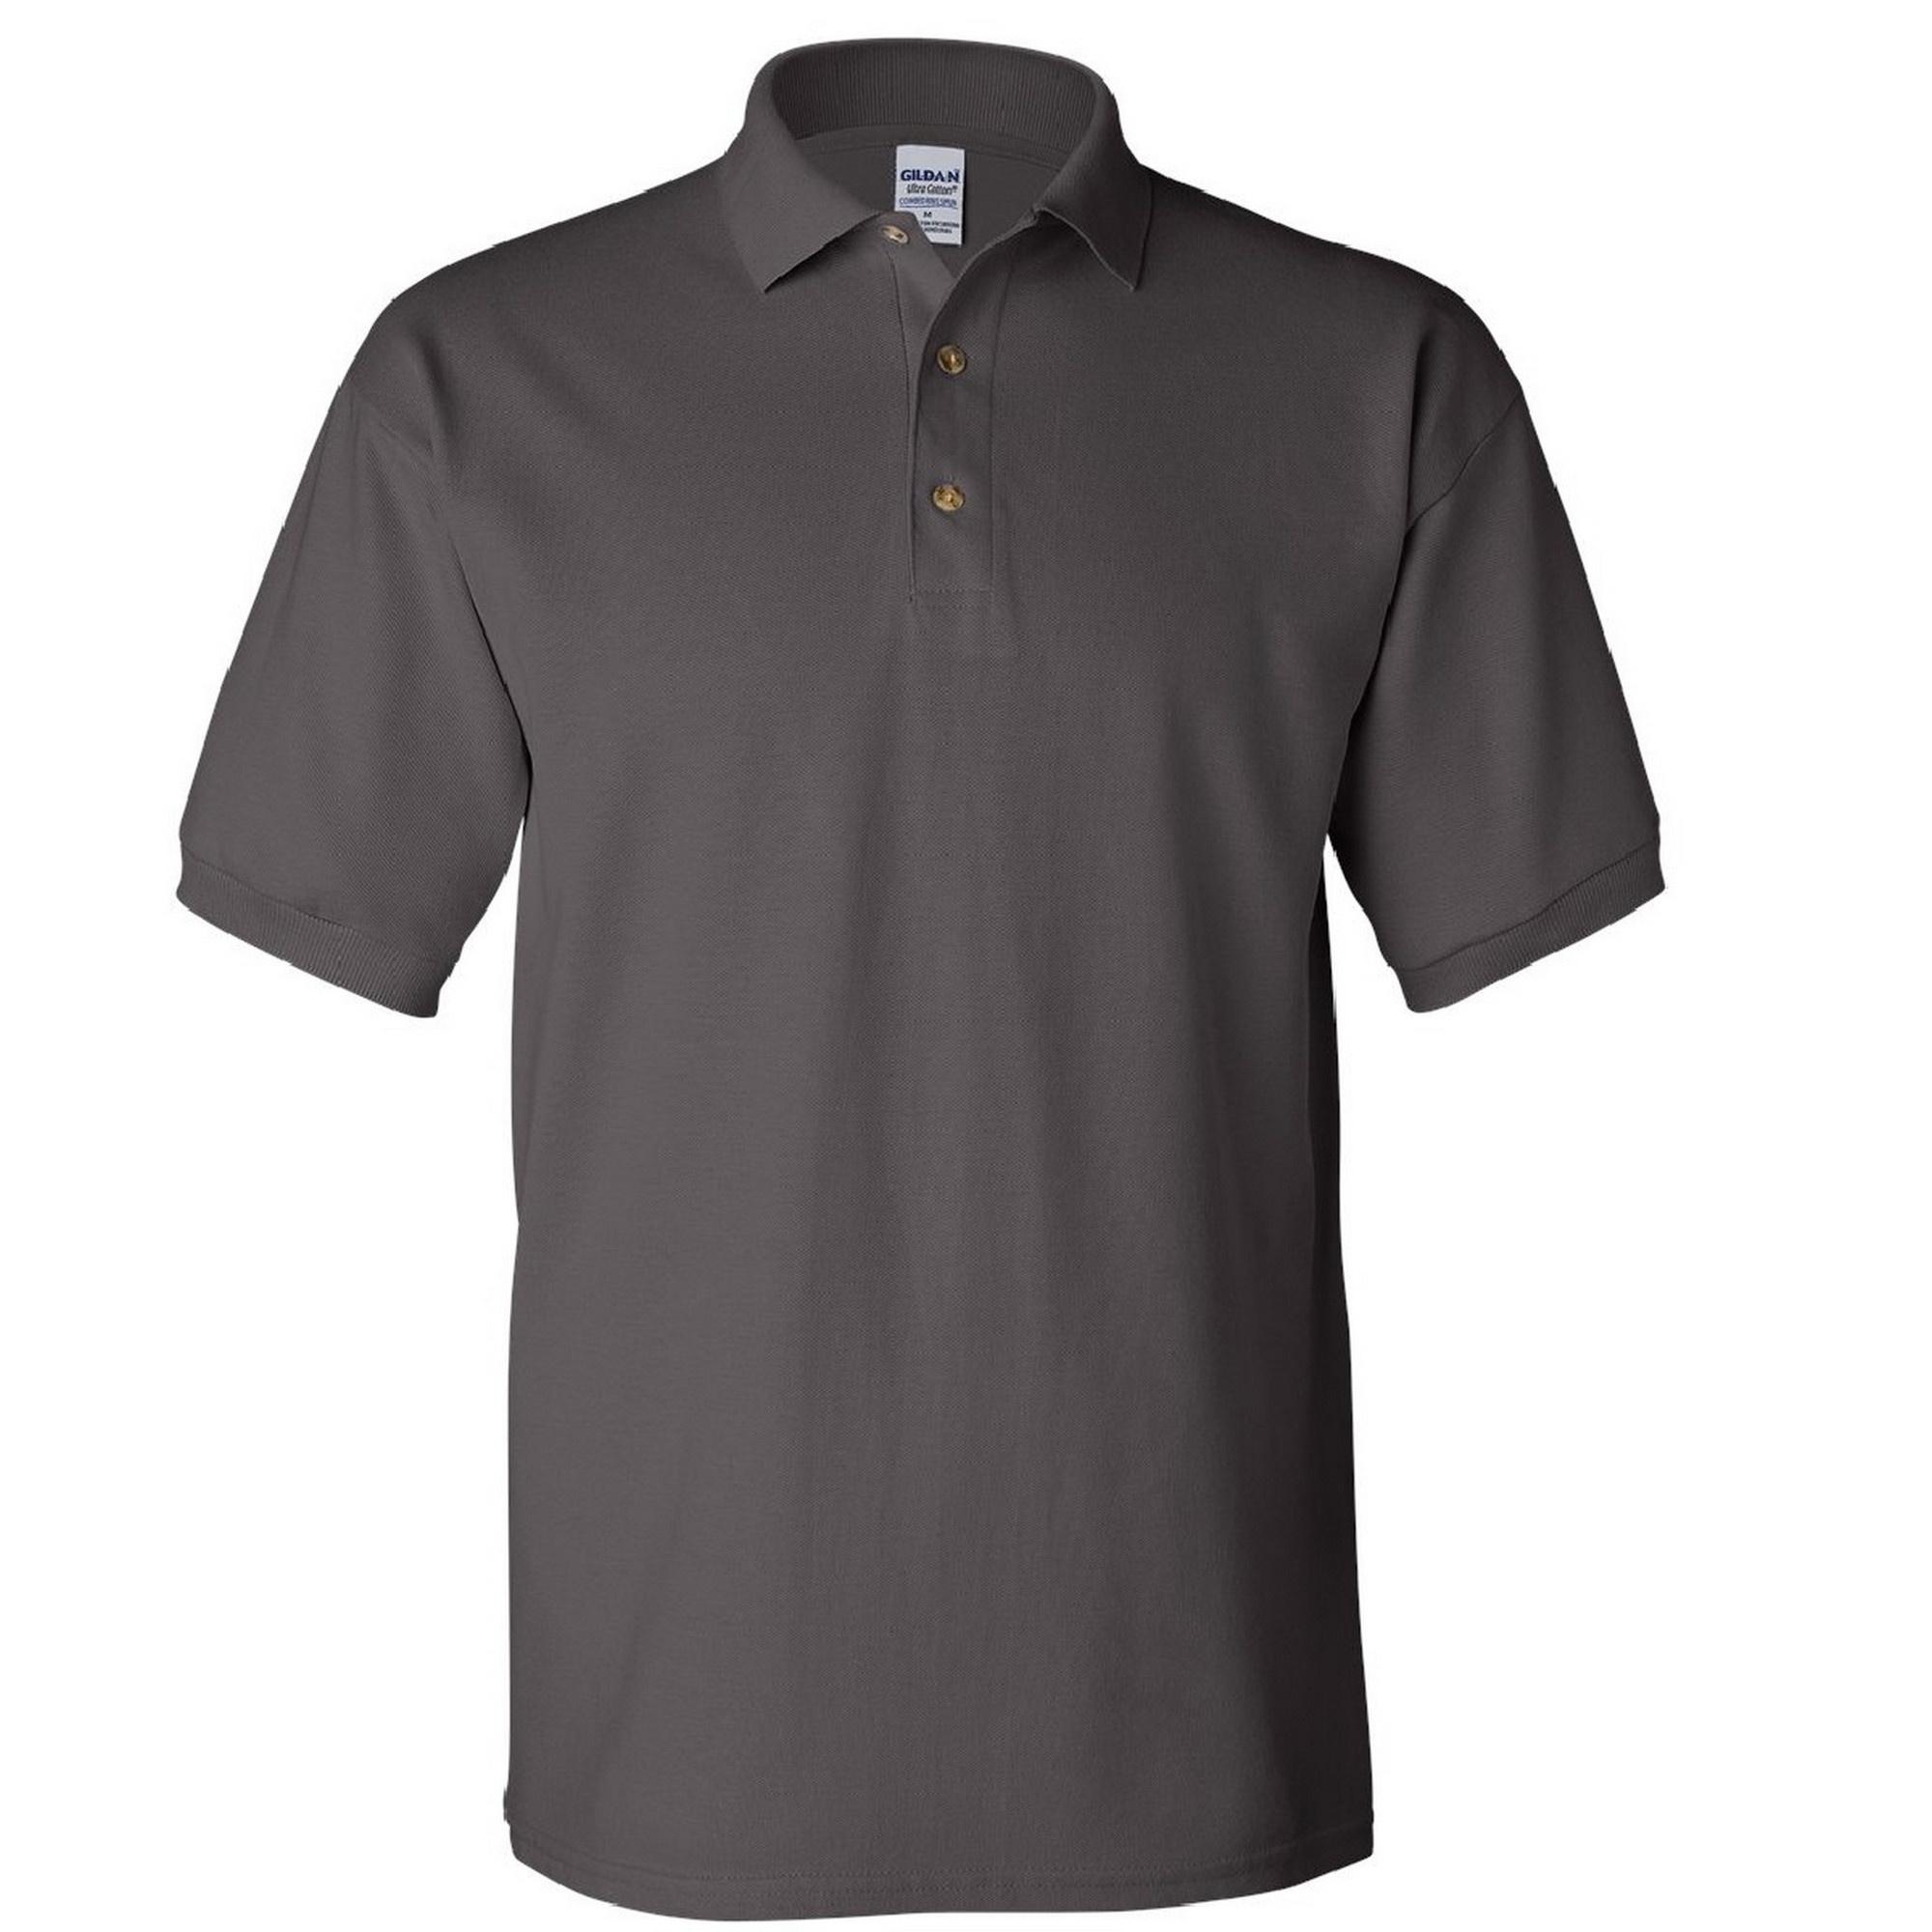 Gildan mens ultra cotton pique polo shirt ebay for Men s cotton polo shirts with pocket